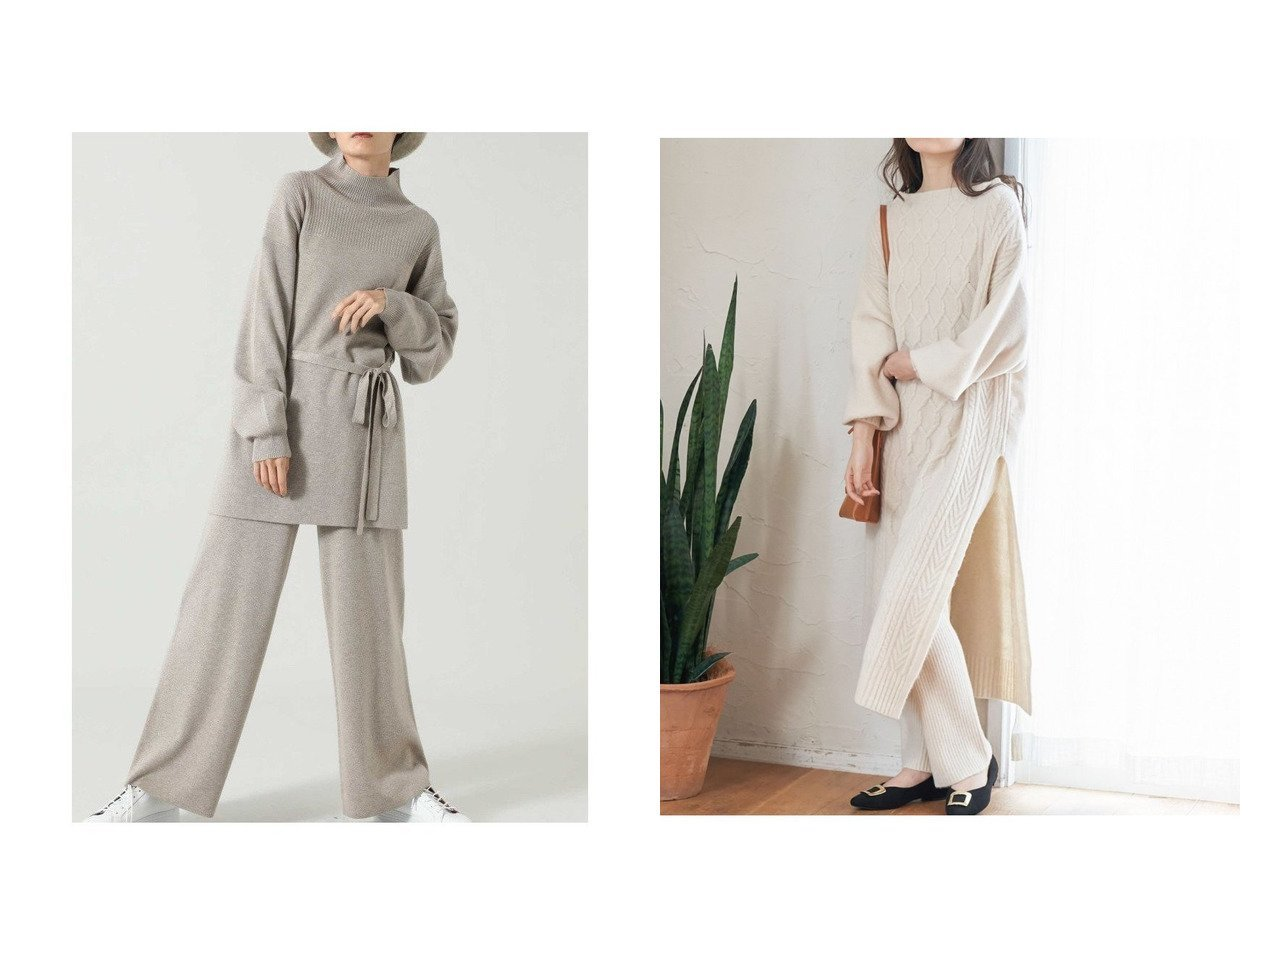 【VIS/ビス】の【SET】ケーブルリブパンツ付きワンピース&【ROSE BUD/ローズバッド】のニットセットアップ ワンピース・ドレスのおすすめ!人気、レディースファッションの通販 おすすめで人気のファッション通販商品 インテリア・家具・キッズファッション・メンズファッション・レディースファッション・服の通販 founy(ファニー) https://founy.com/ ファッション Fashion レディース WOMEN ワンピース Dress カーディガン スリット セットアップ チュニック デニム トレンド パープル フィット プリーツ ベーシック ボトルネック 定番 リラックス  ID:crp329100000002475